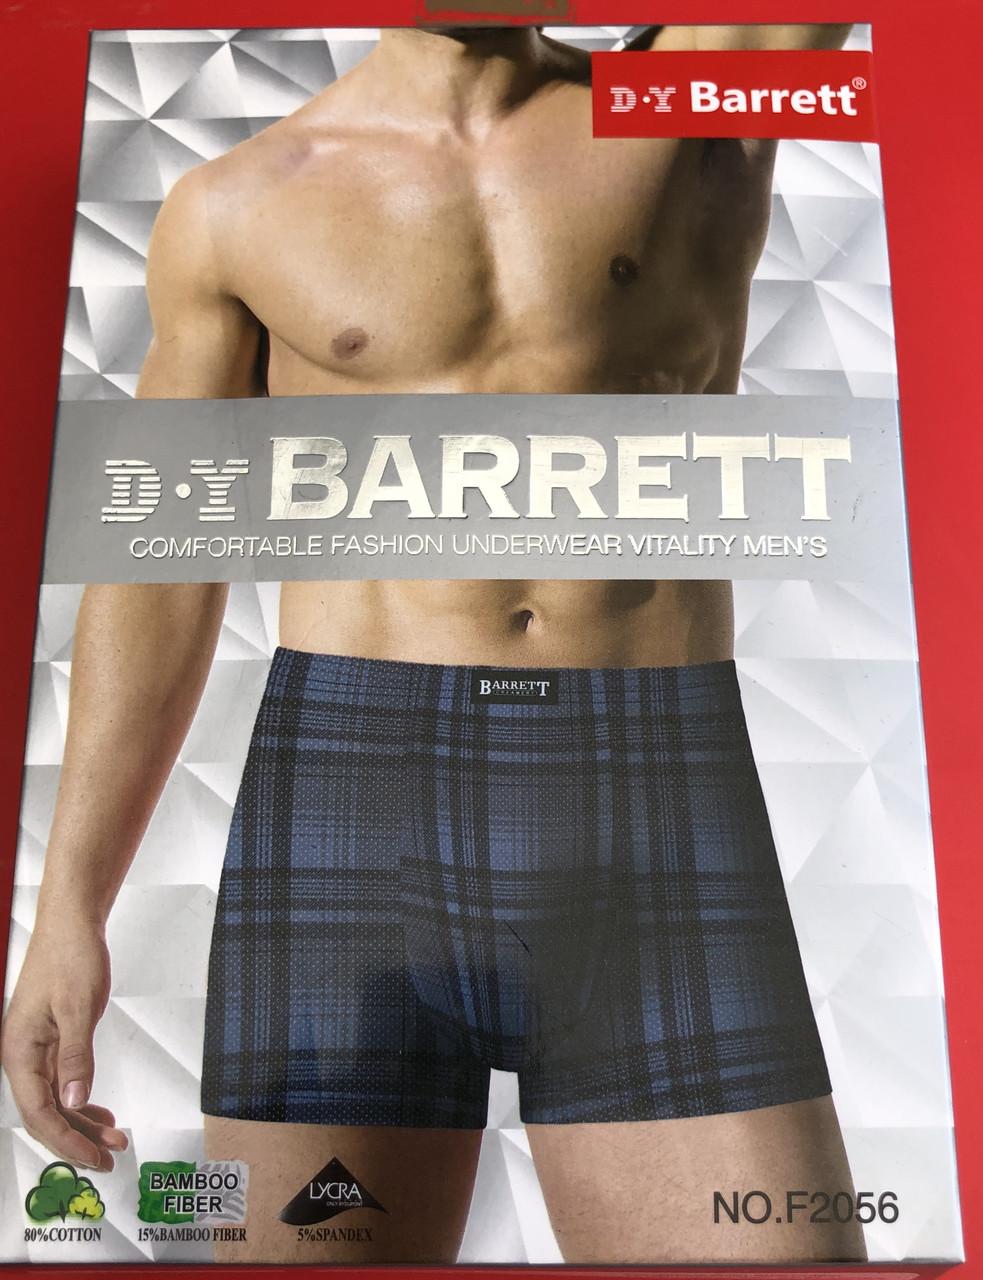 """Чоловічі Боксери масло Марка """"R. Y Barrett"""" Арт.2056"""